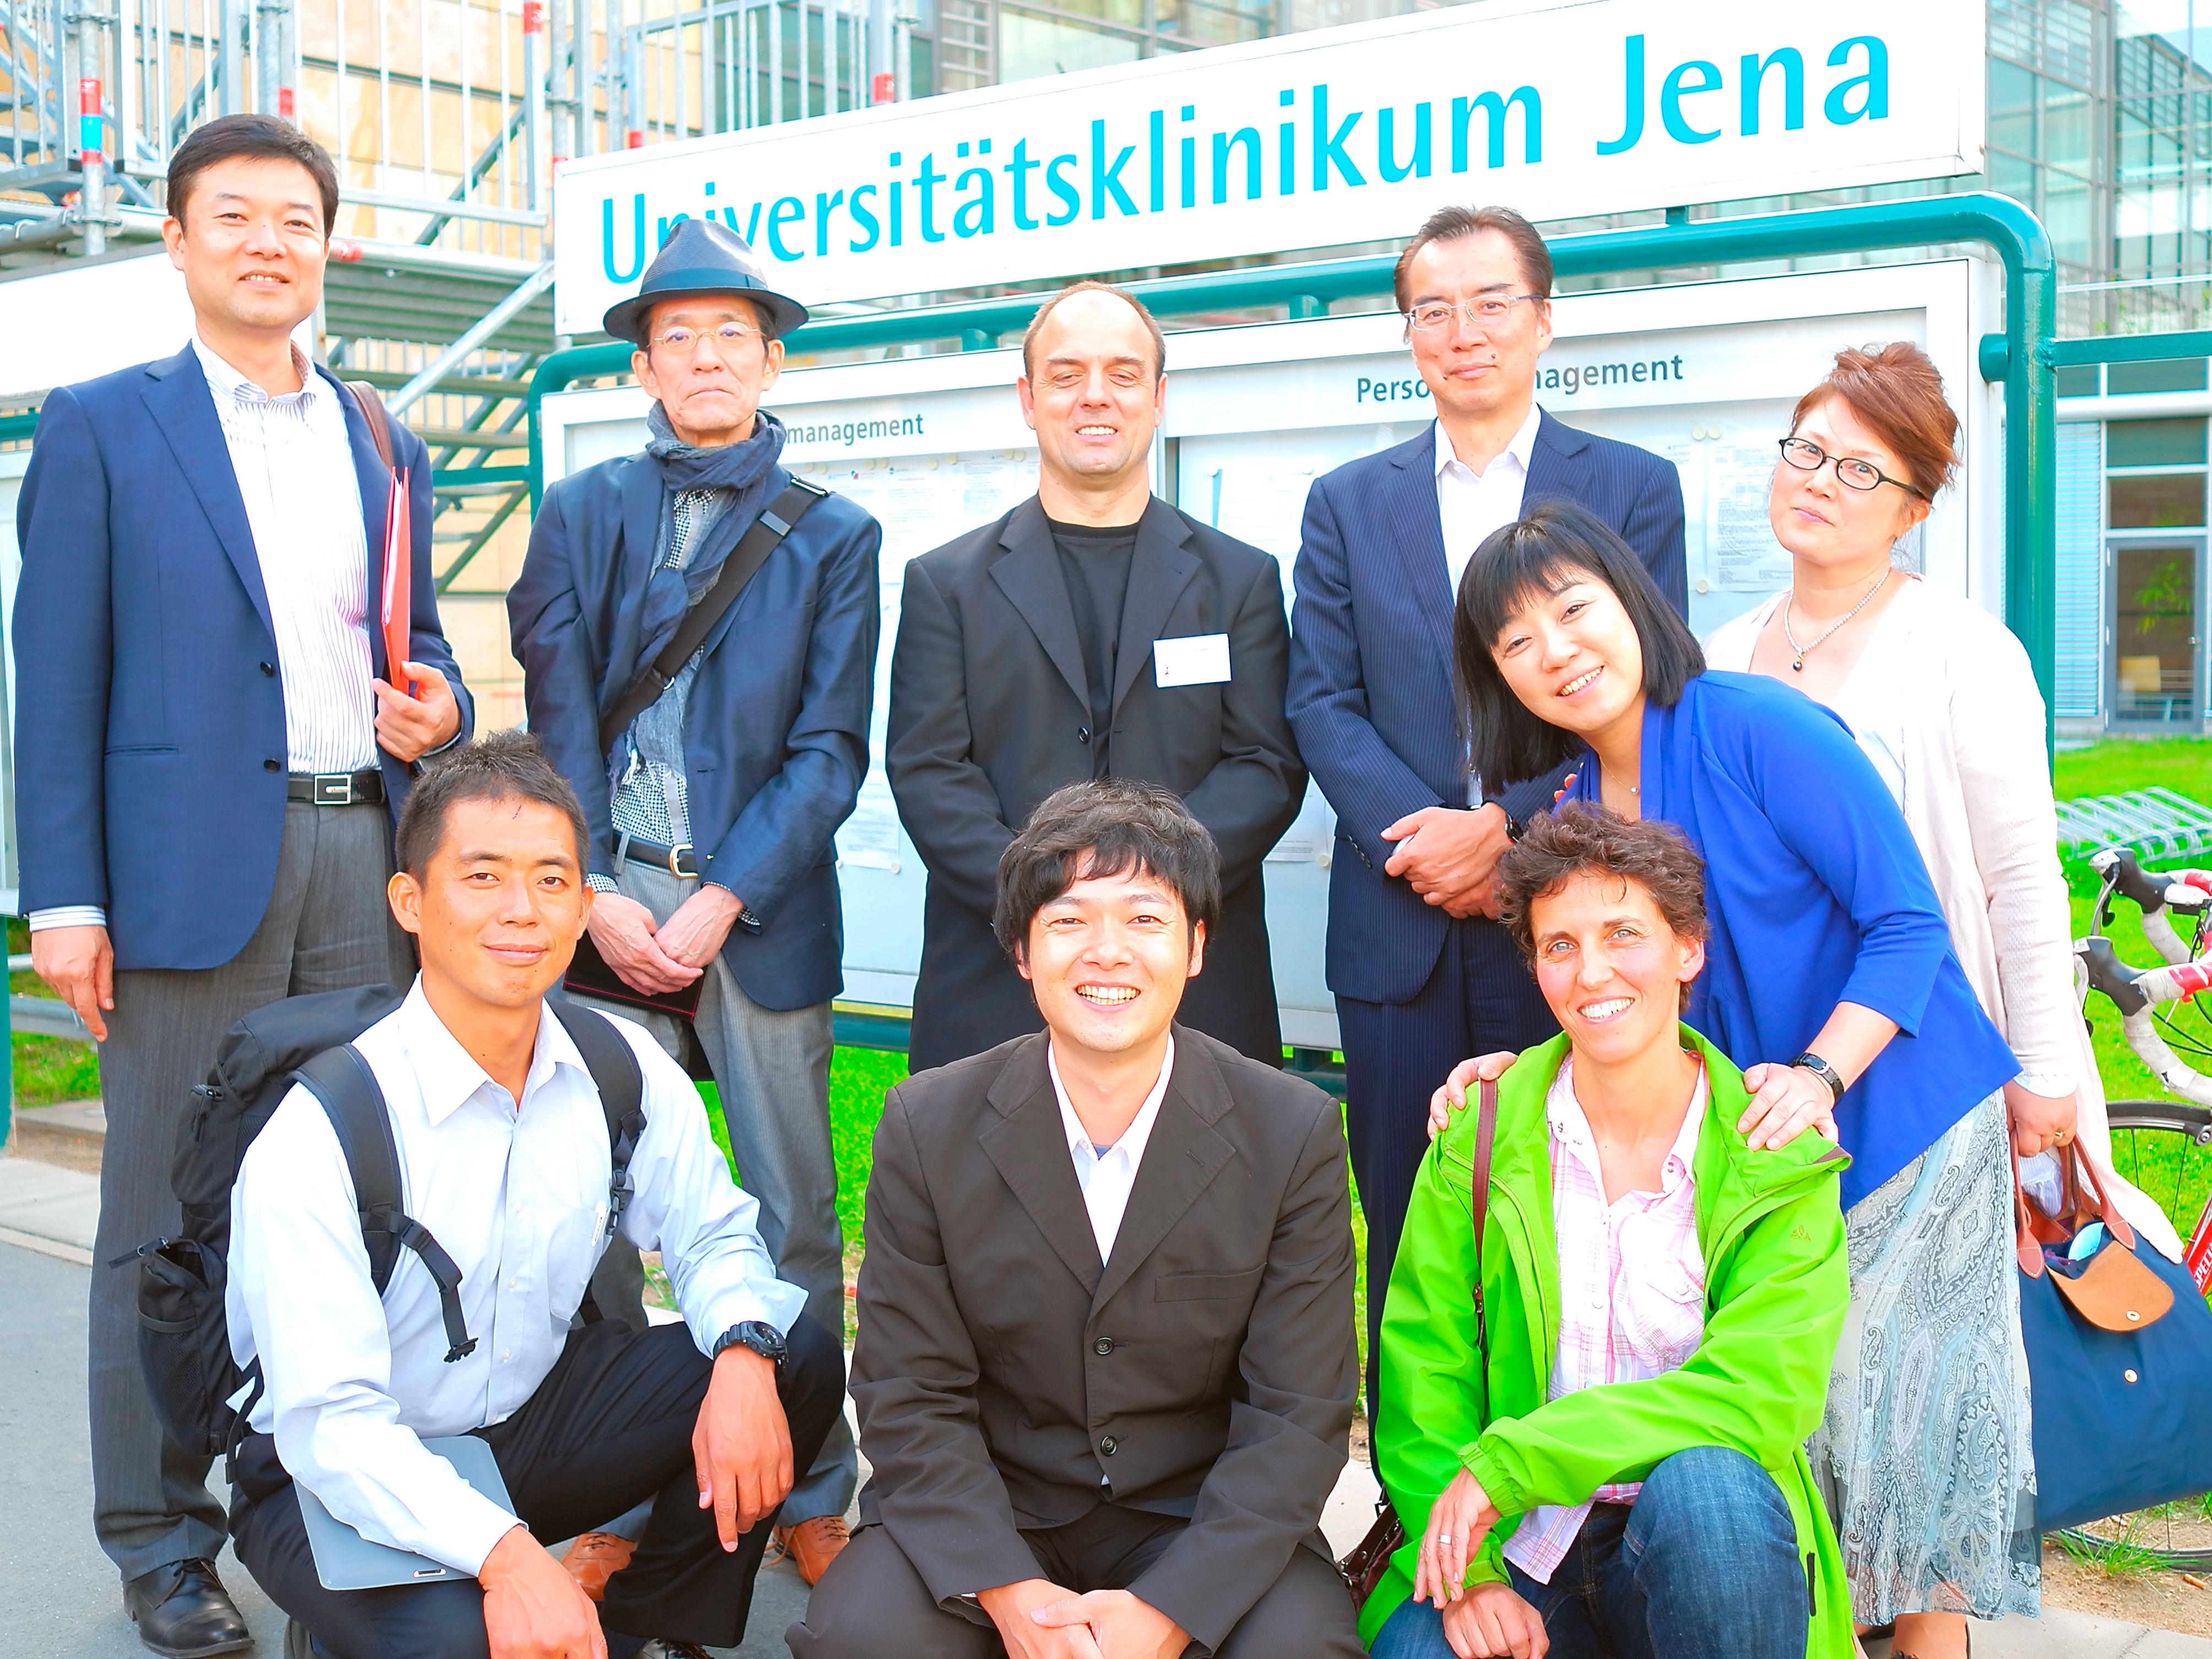 日本の鍼灸をドイツへ伝えるセミナーでの集合写真